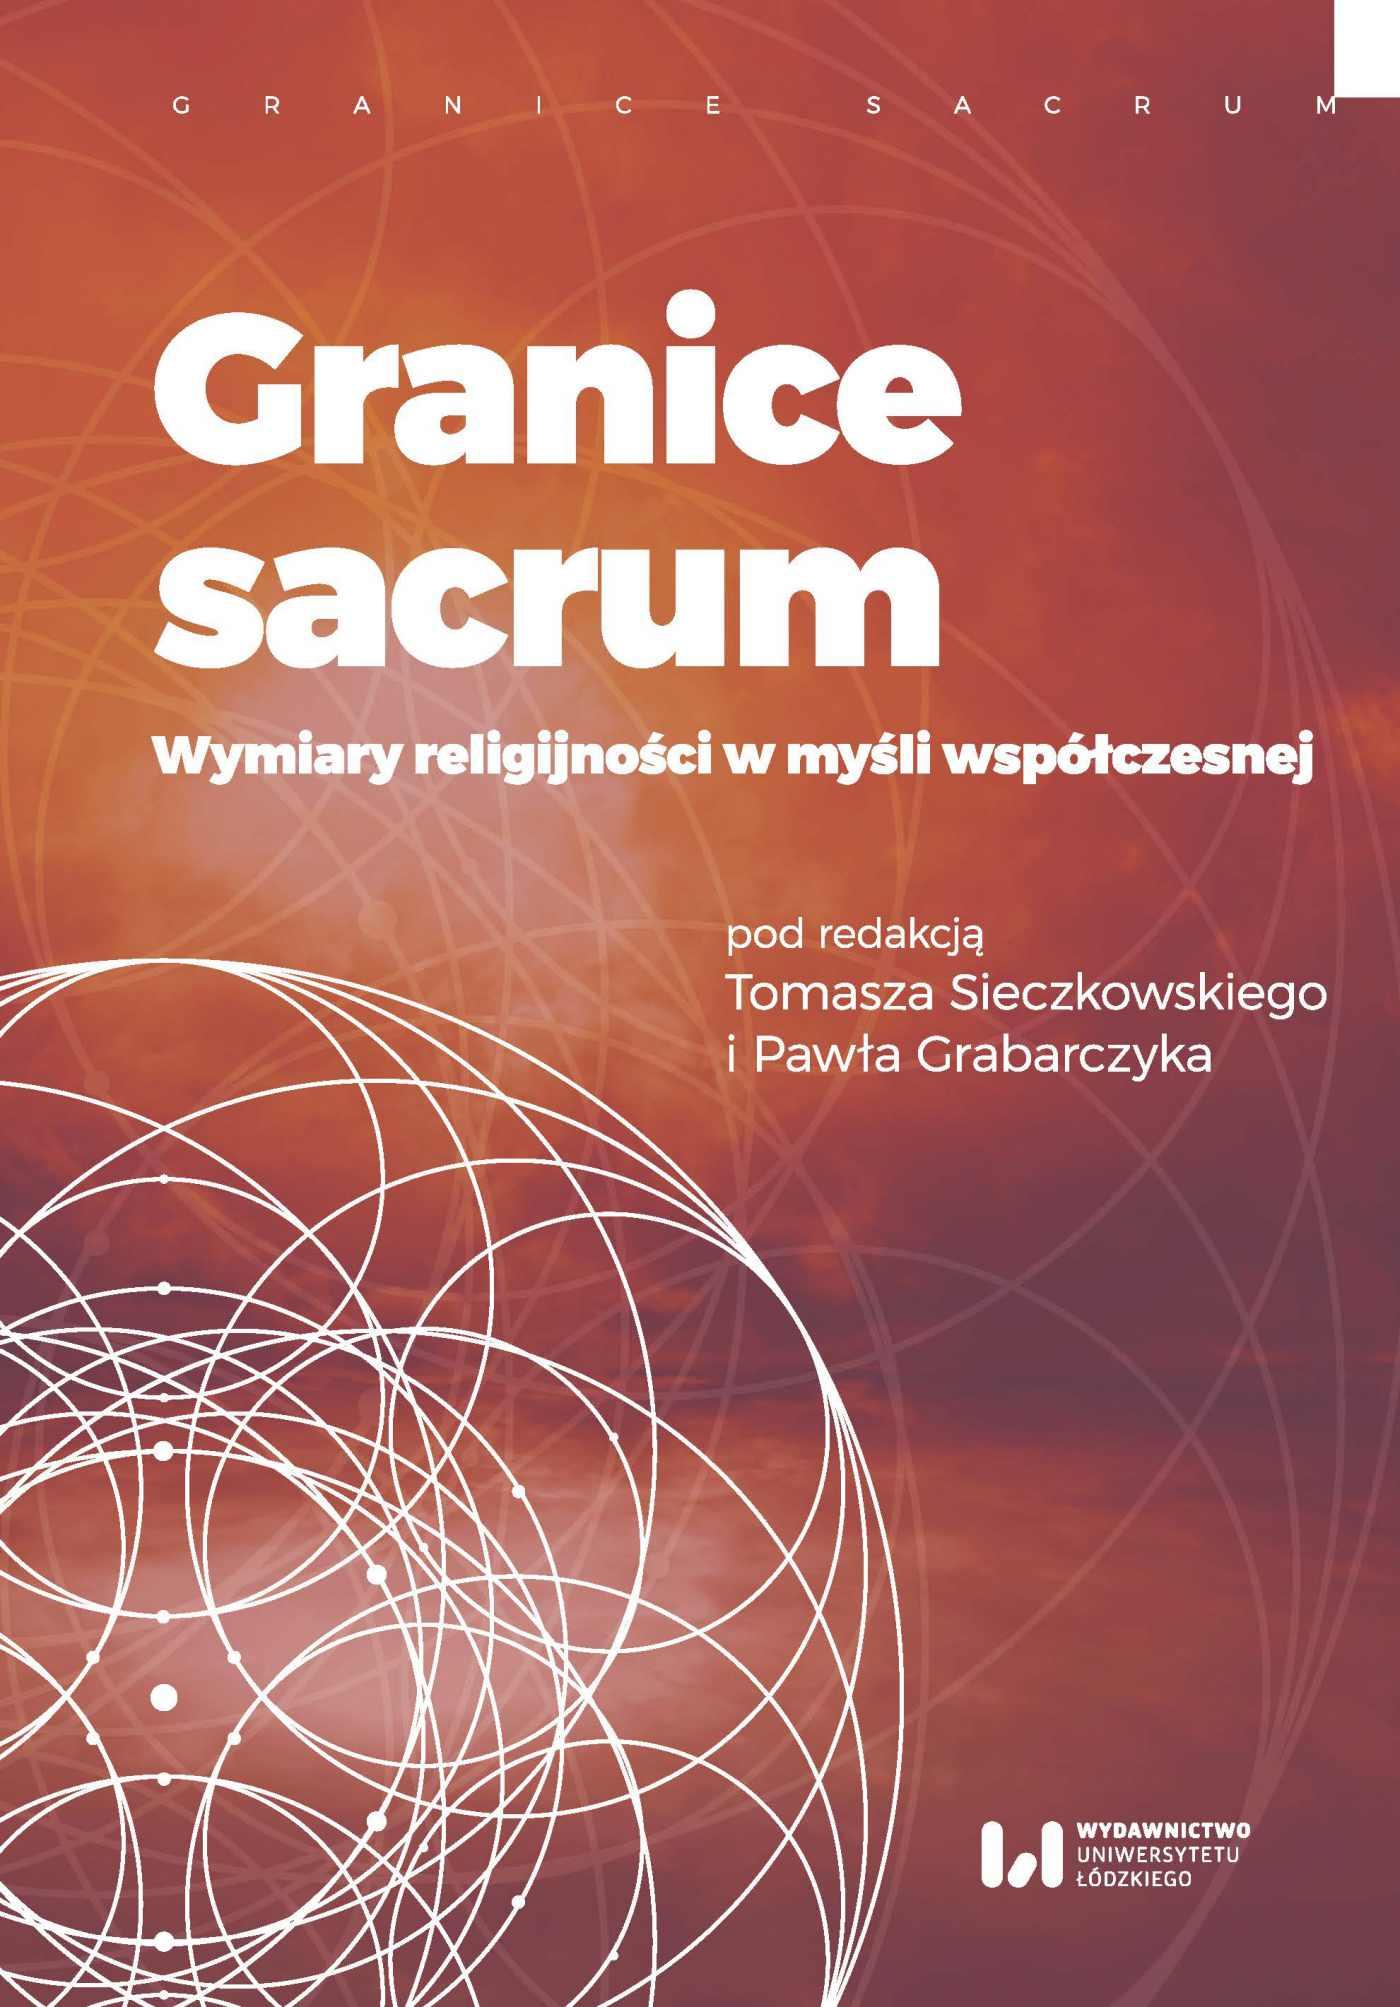 Granice sacrum. Wymiary religijności w myśli współczesnej - Ebook (Książka PDF) do pobrania w formacie PDF